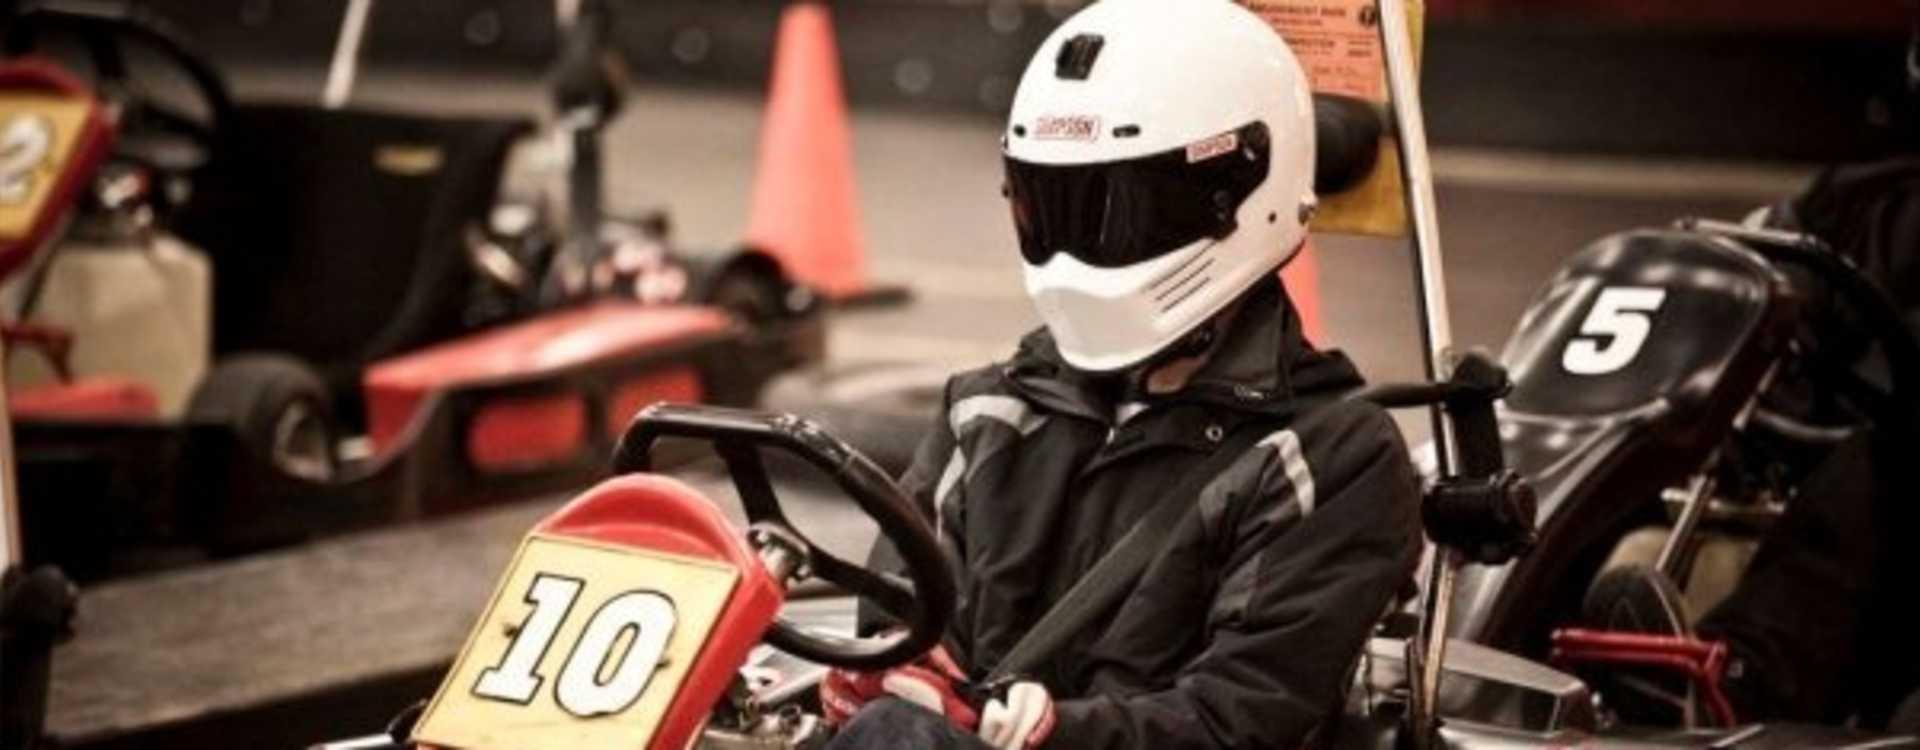 Sykart_Indoor_Racing-5.jpg